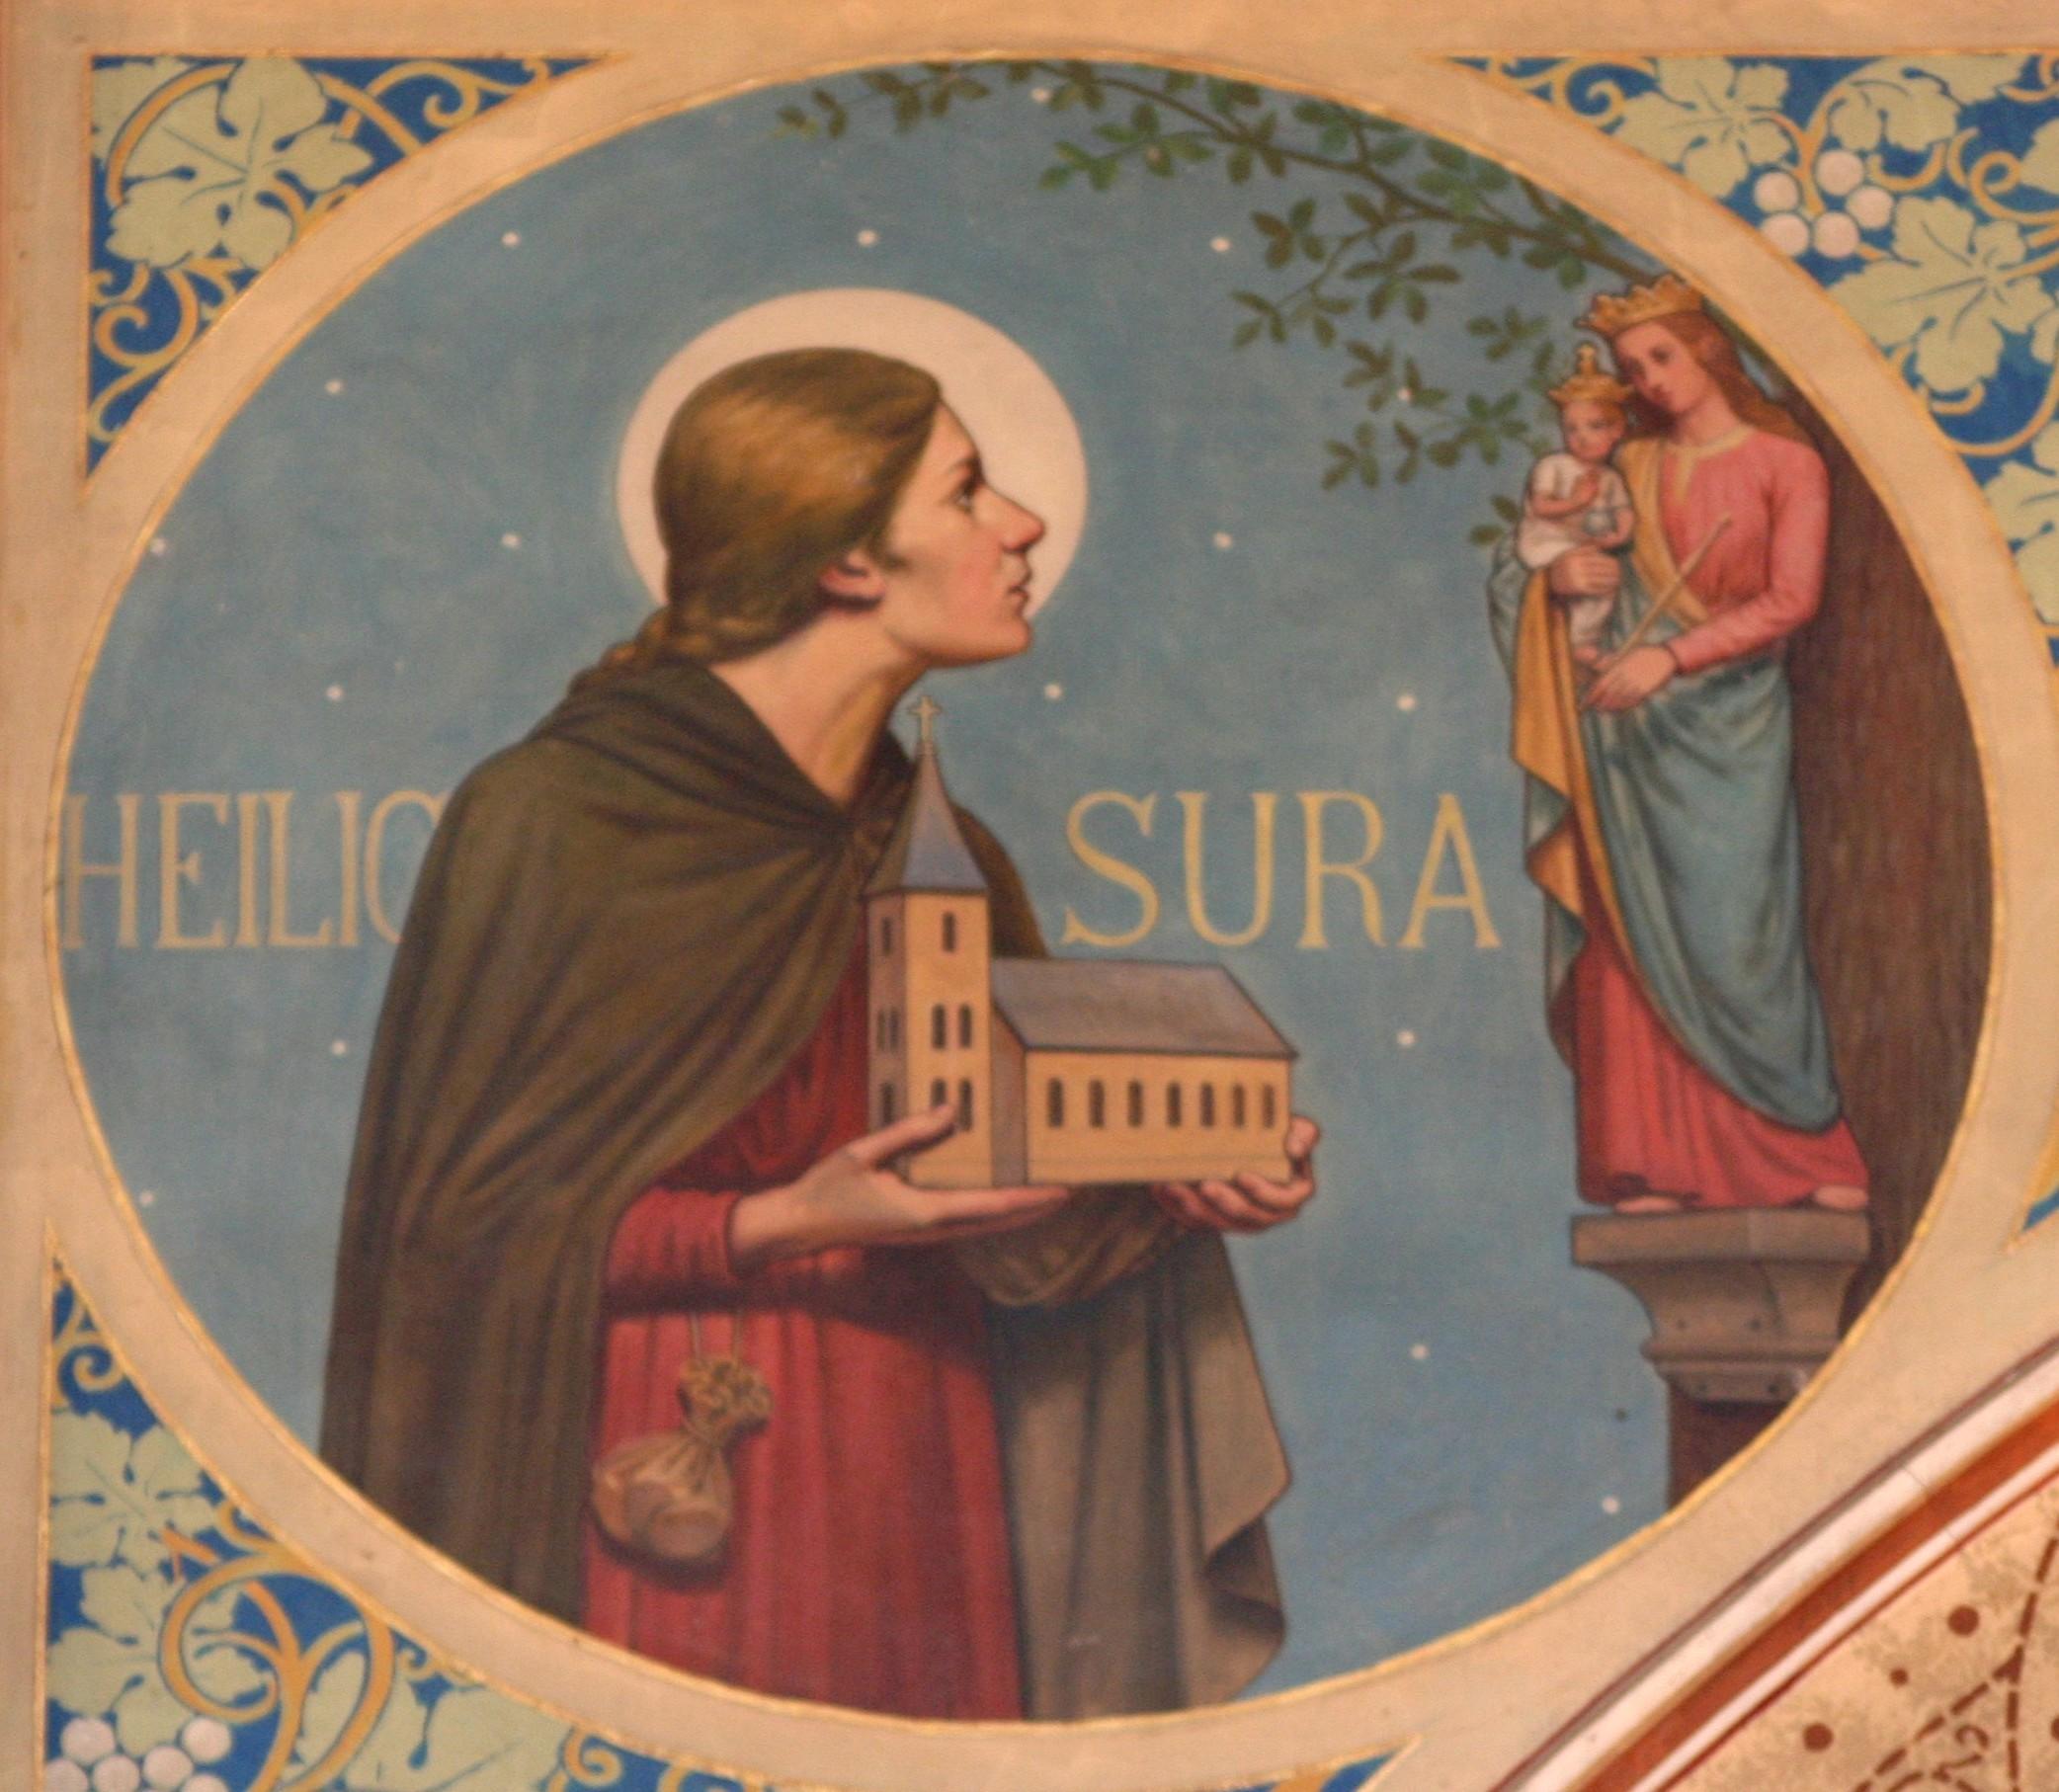 Sint Sura van Dordrecht